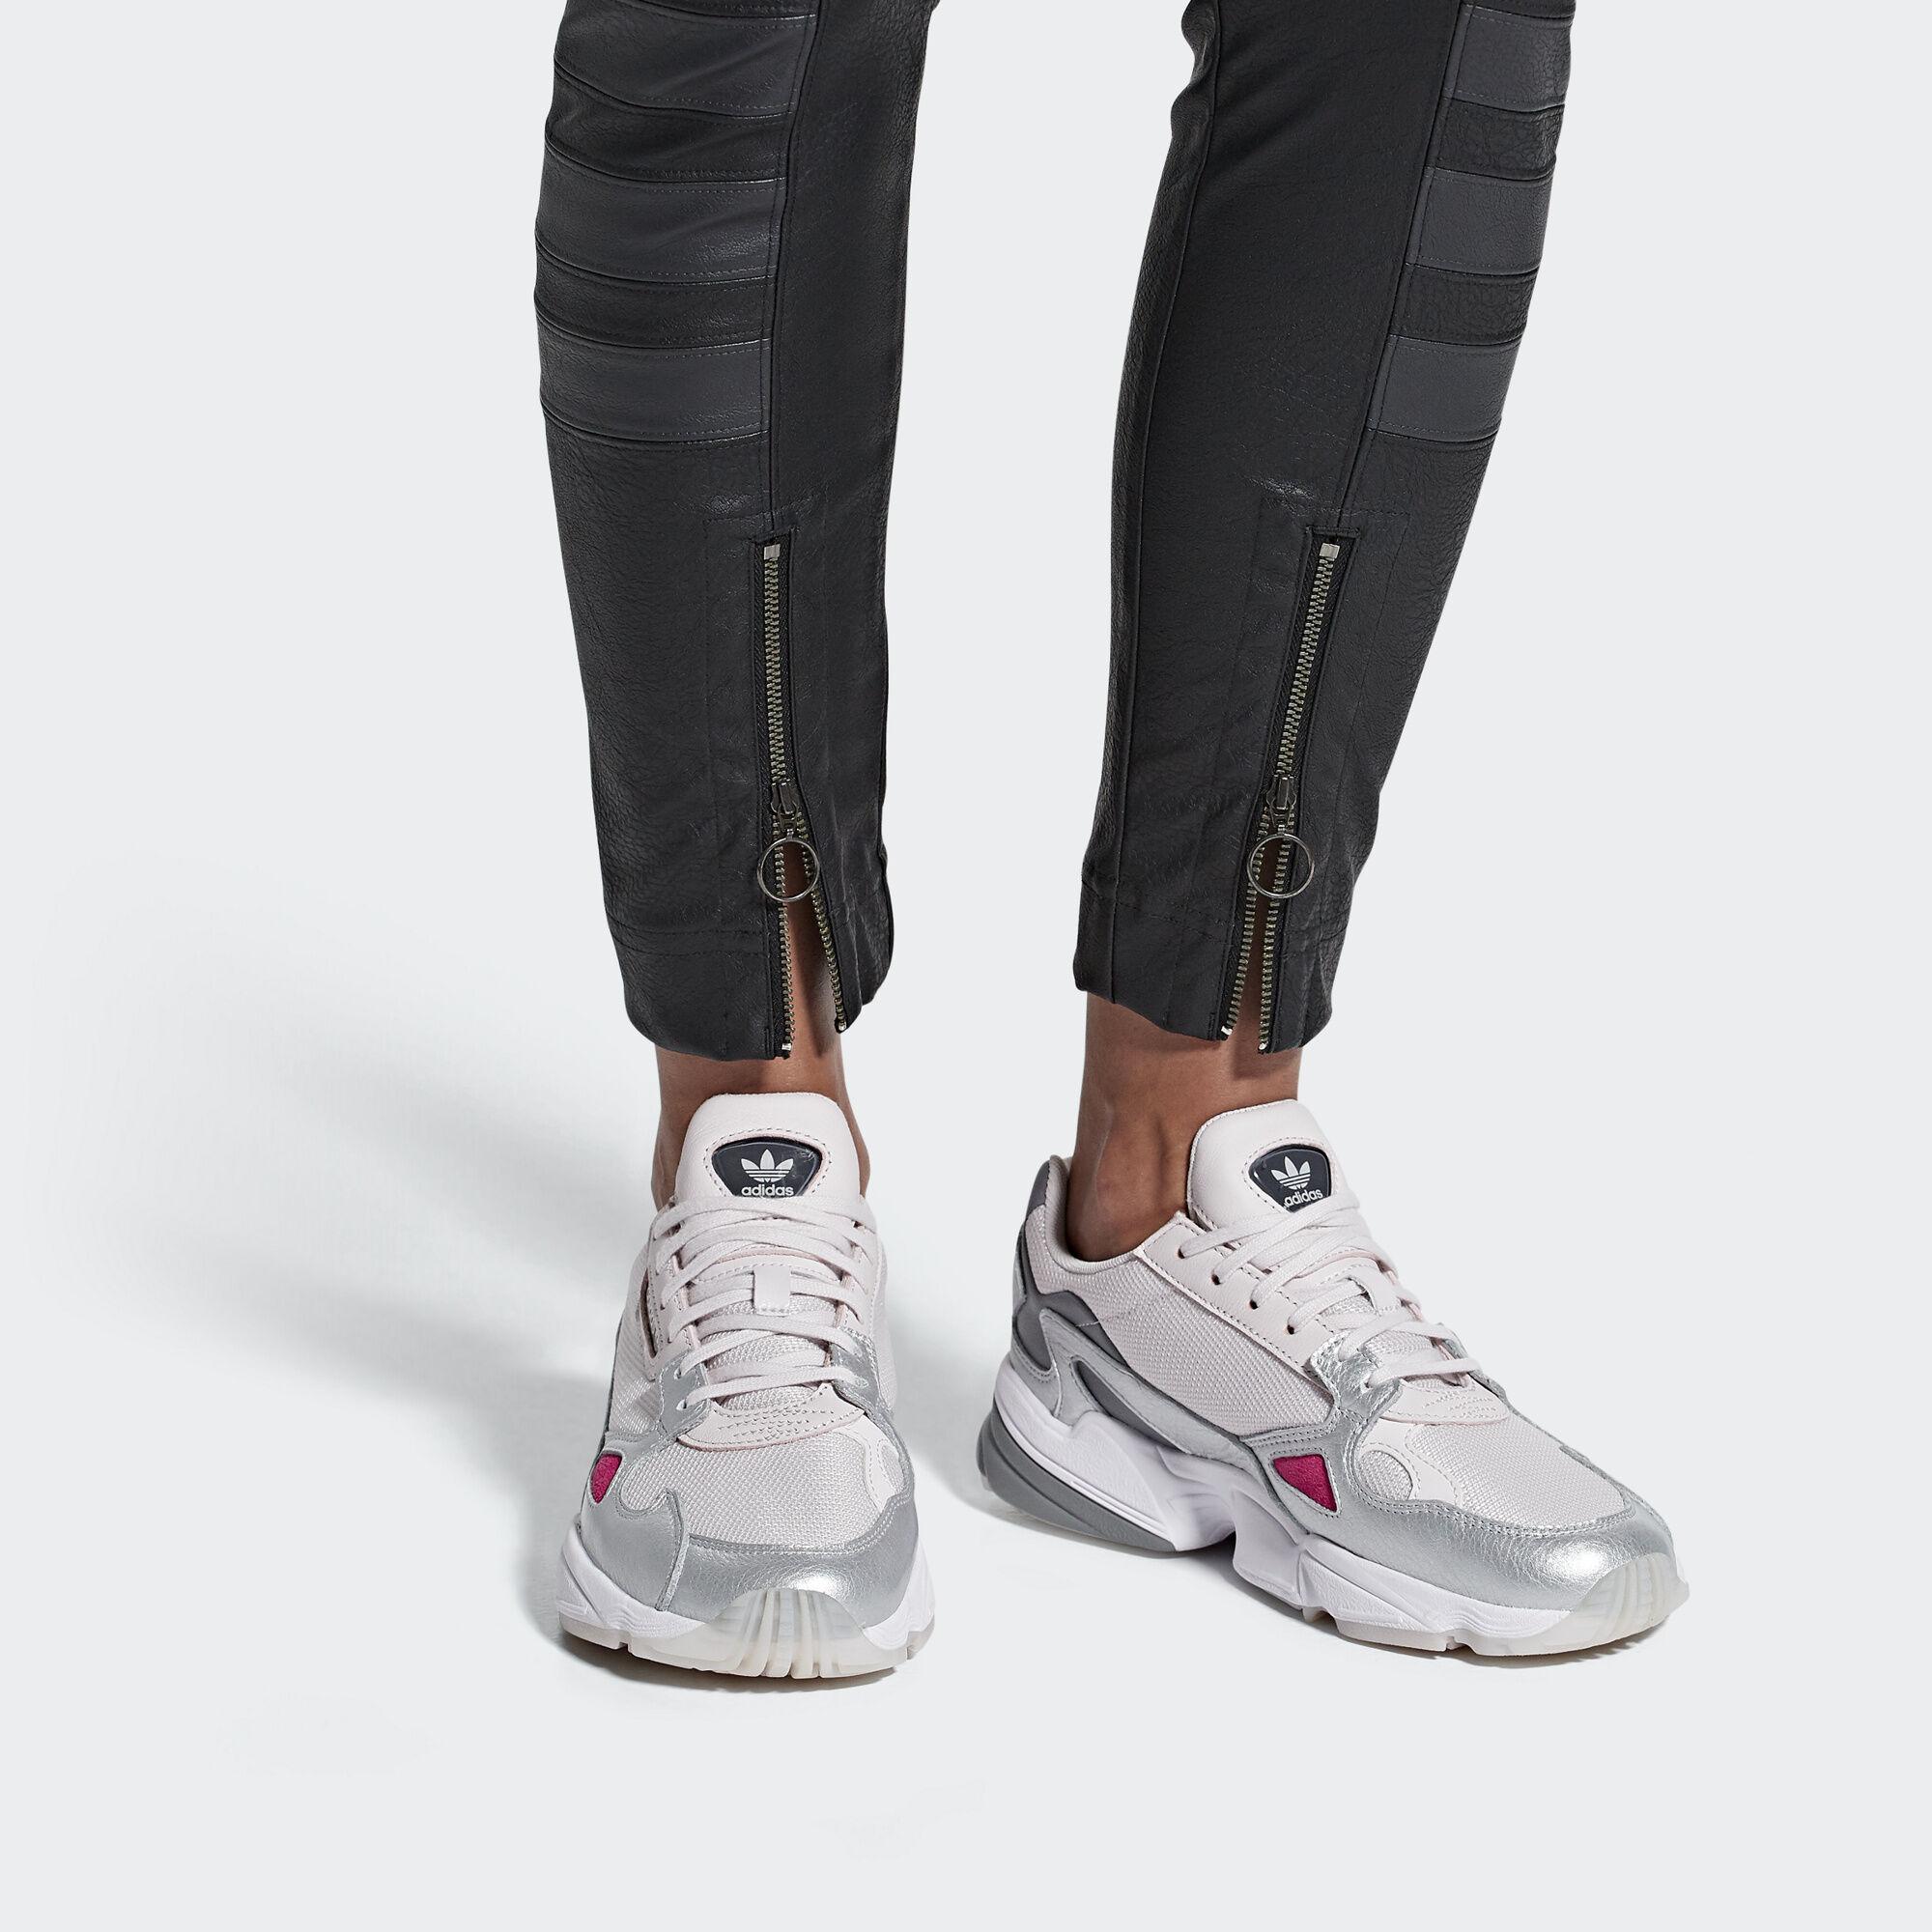 adidas Sapatos Falcon - Rosa  33050c3567669